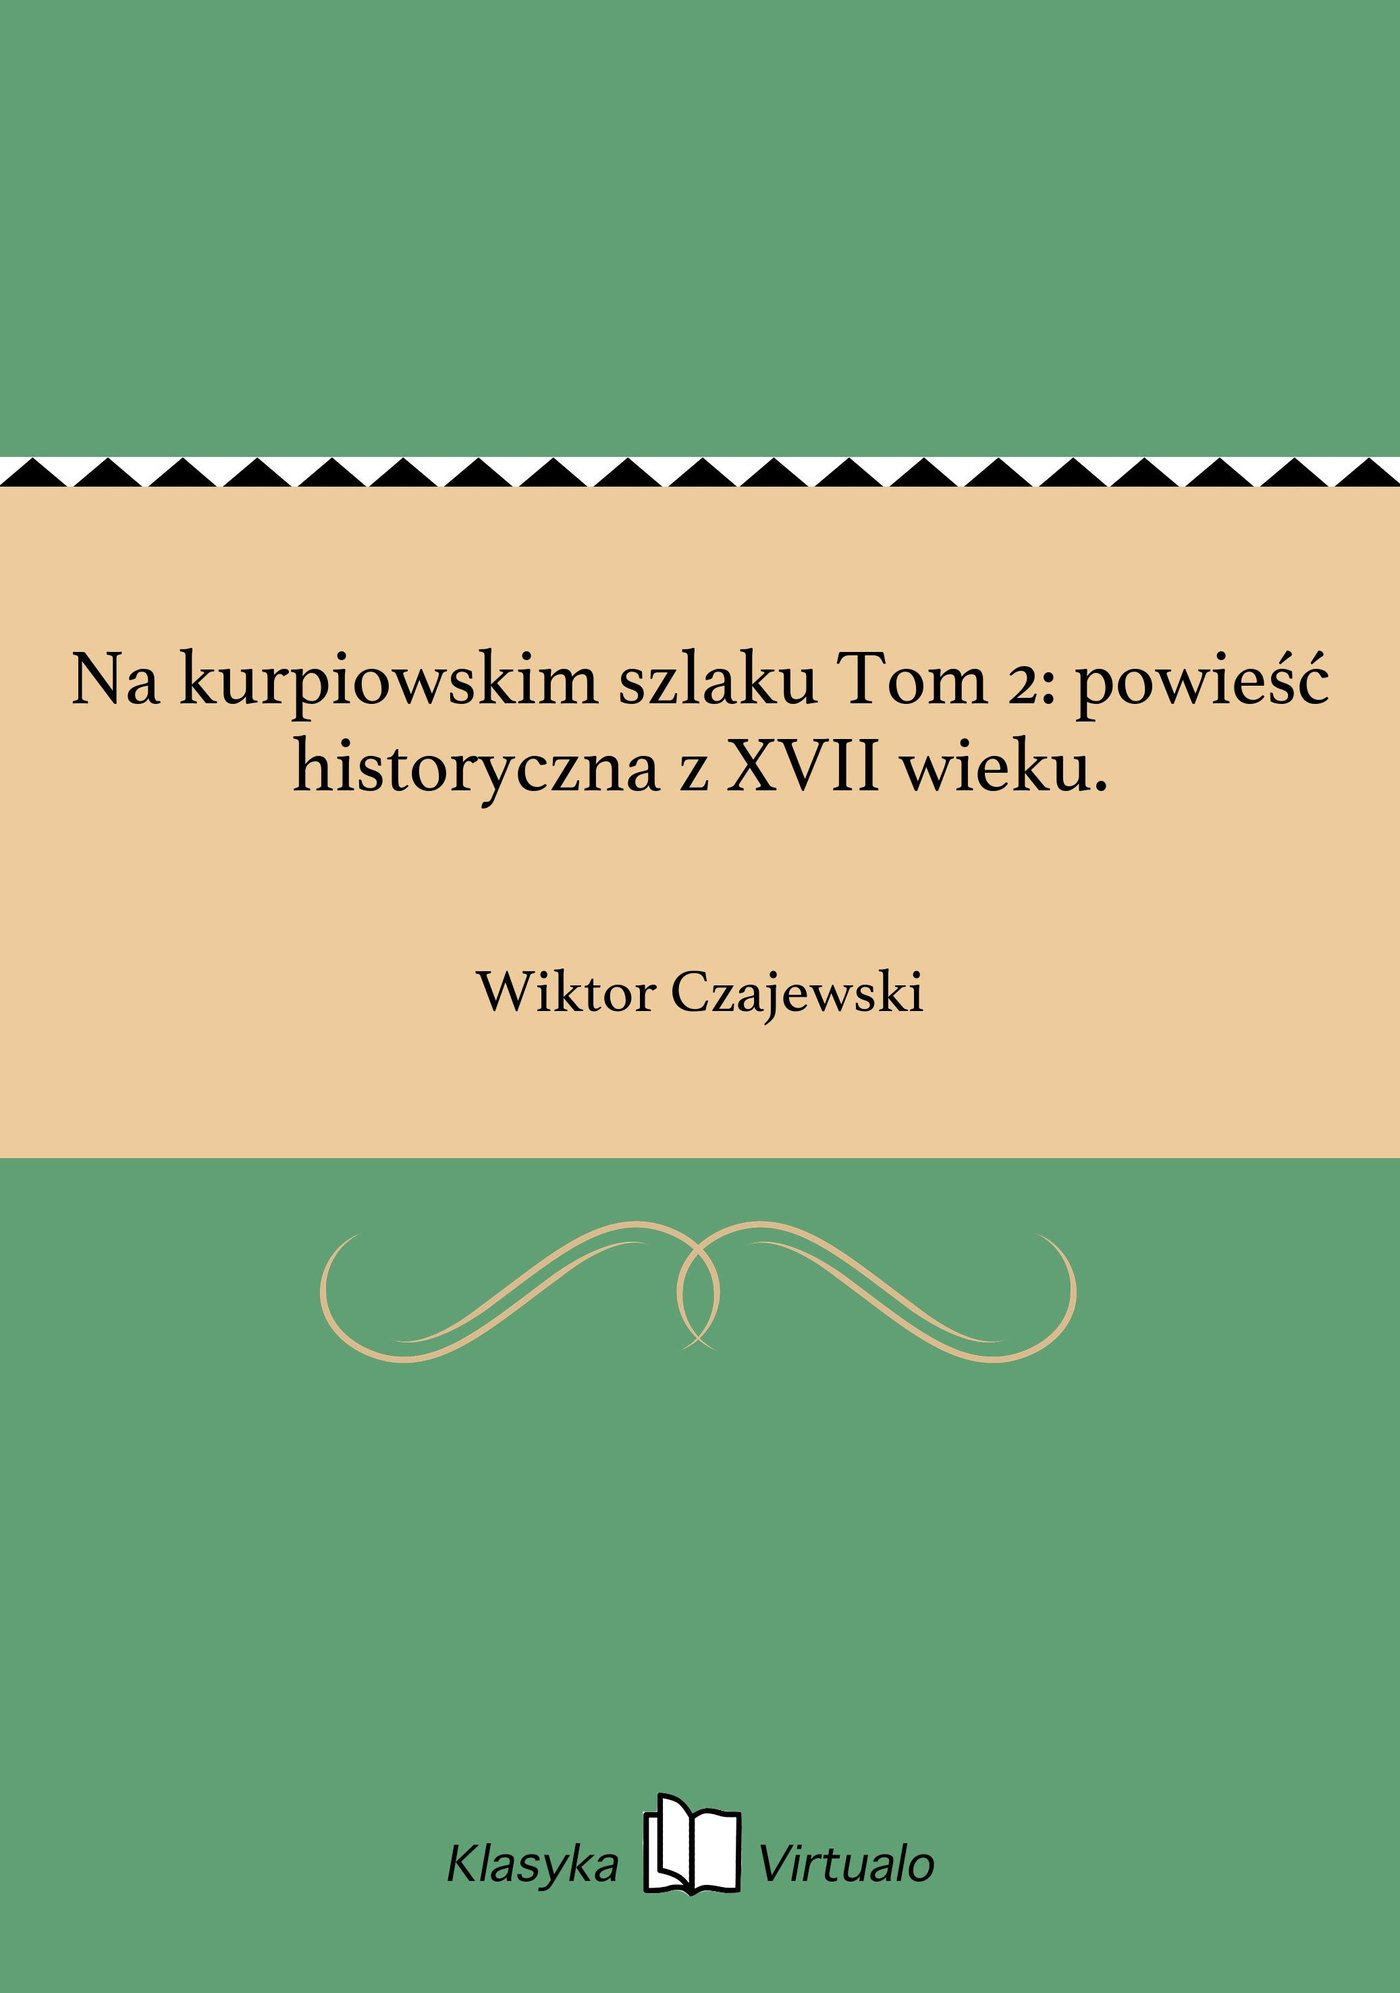 Na kurpiowskim szlaku Tom 2: powieść historyczna z XVII wieku. - Ebook (Książka EPUB) do pobrania w formacie EPUB